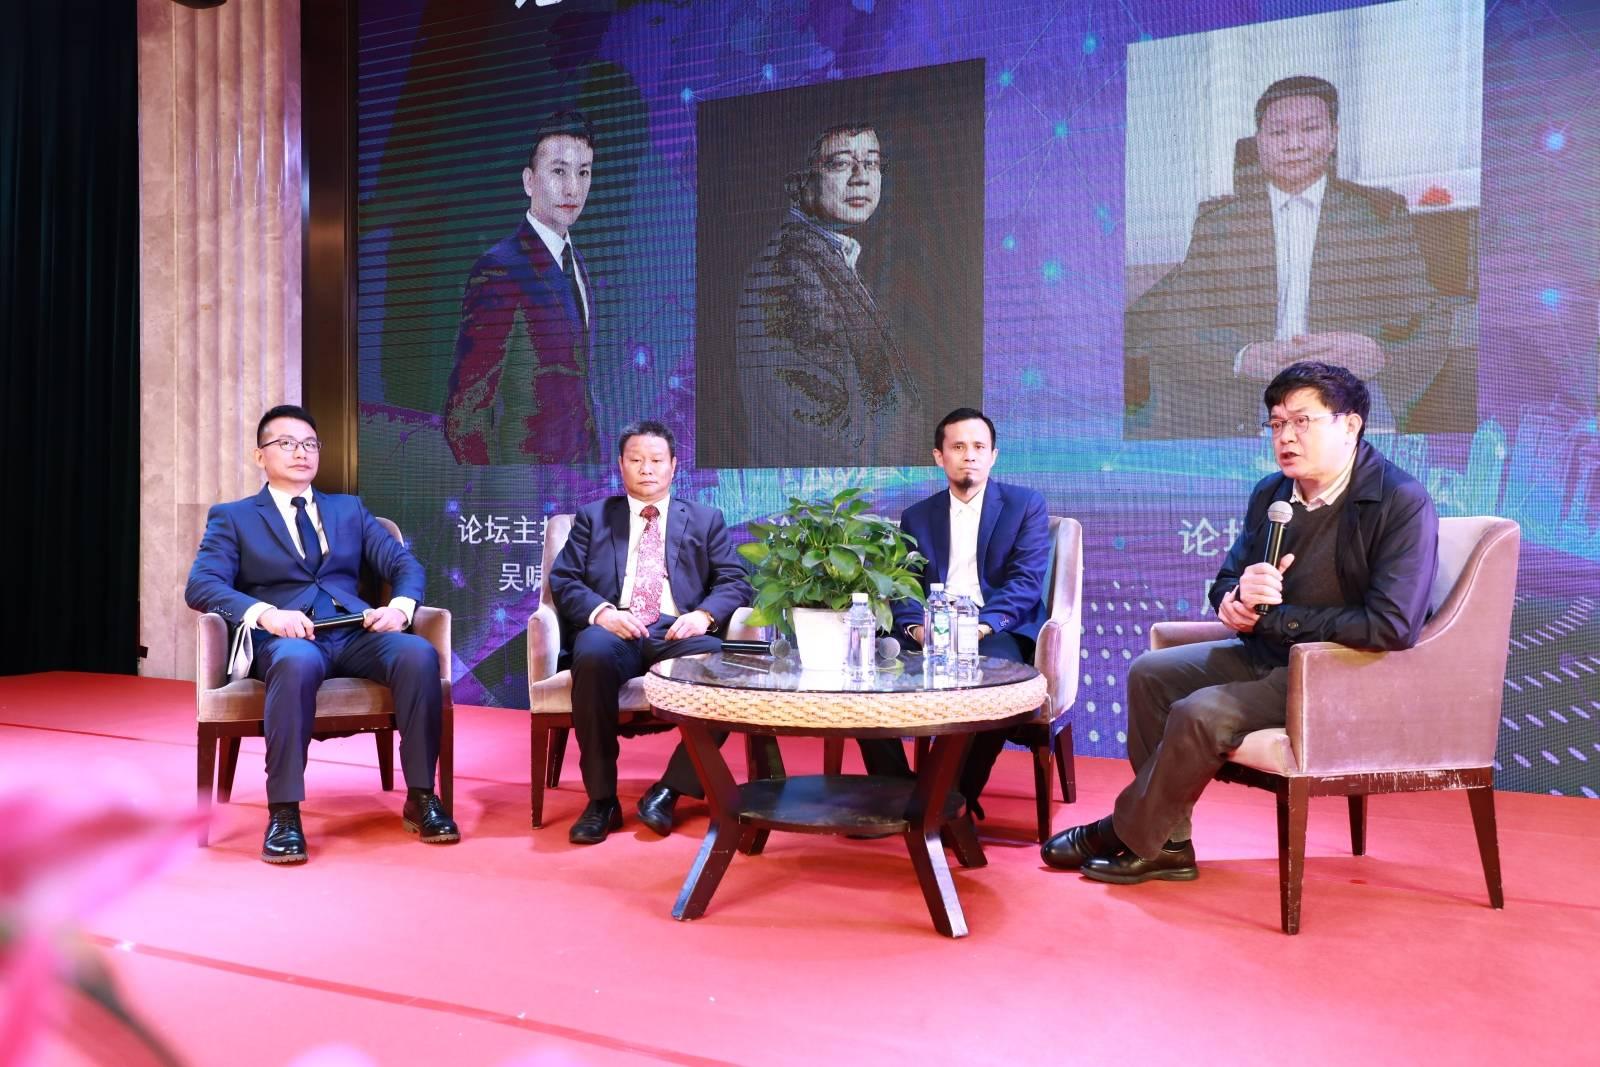 第一届深爱榜公益创业论坛成功举办